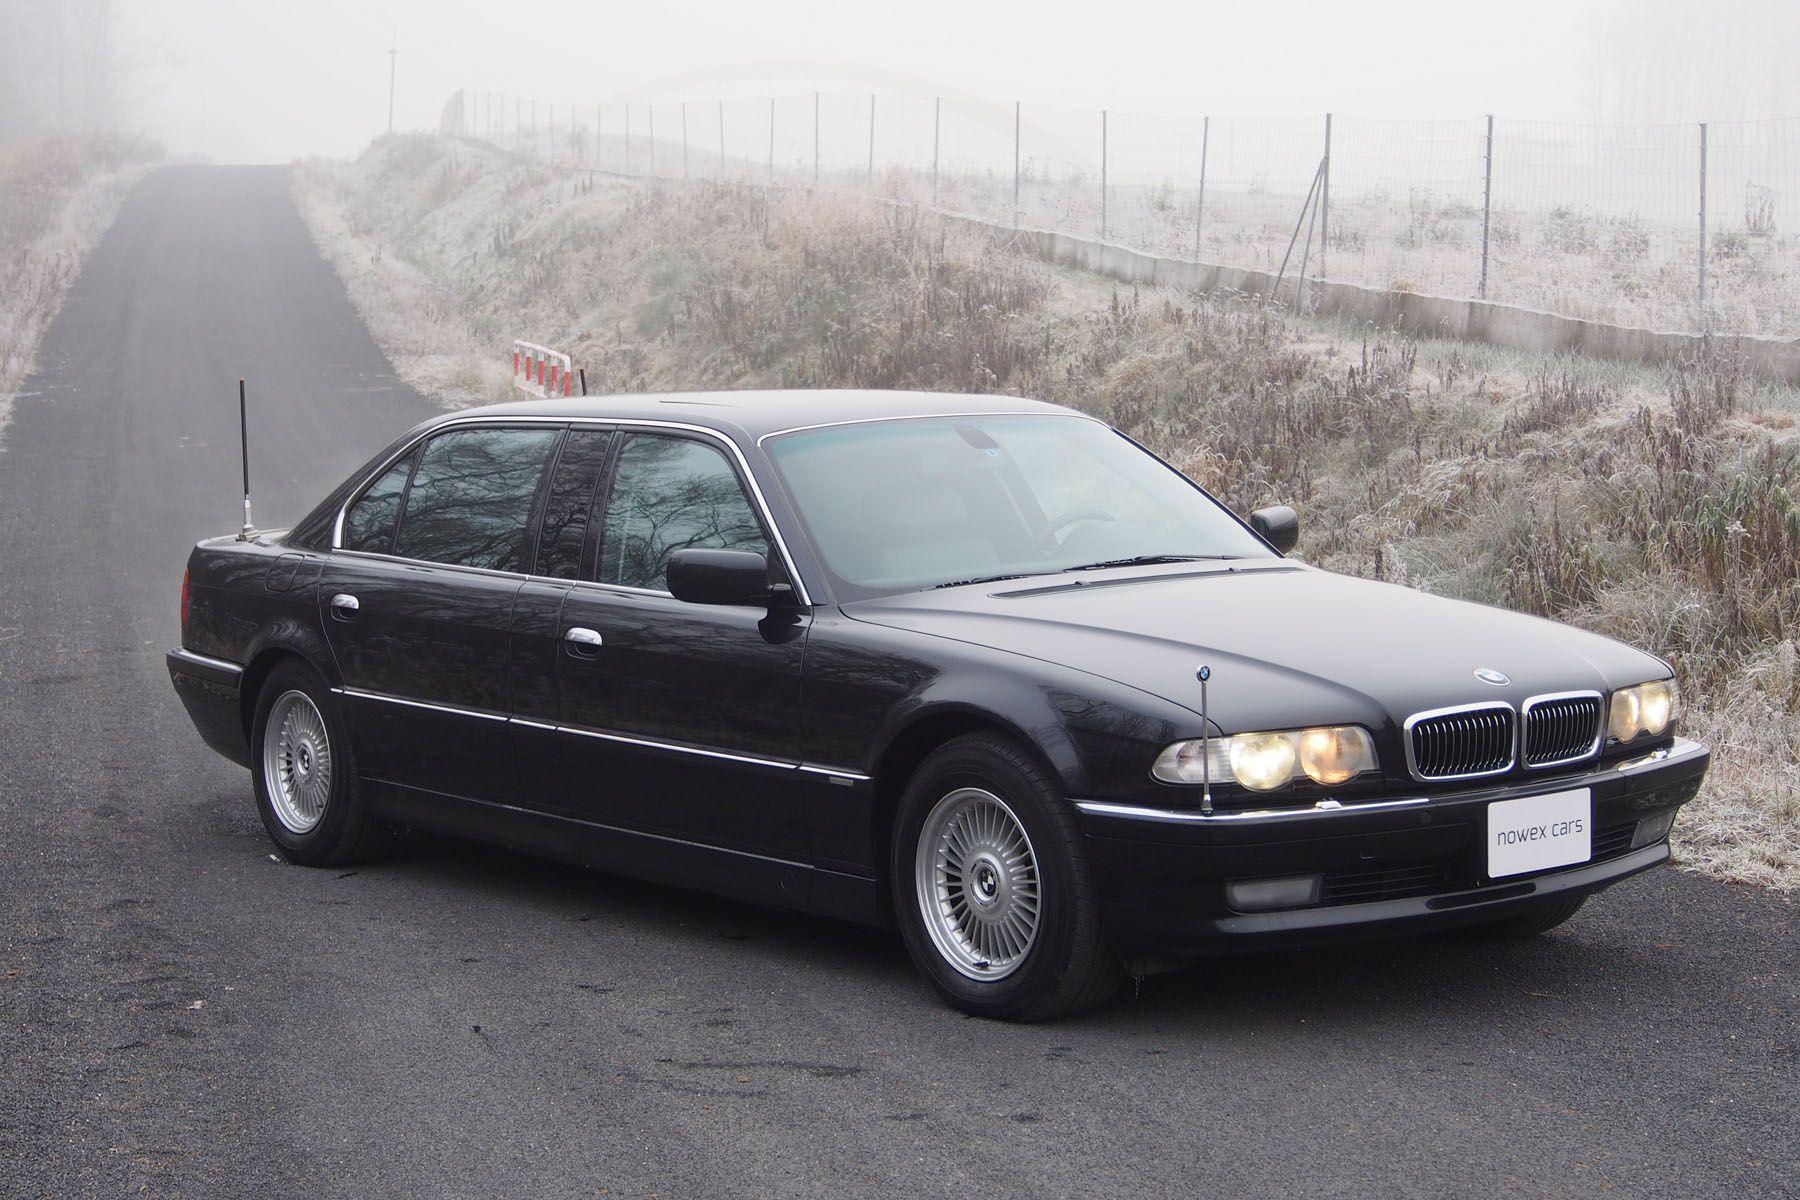 BMW L7 E38 2001 - 69900 PLN - Wodzisław Śląski - Giełda klasyków ...